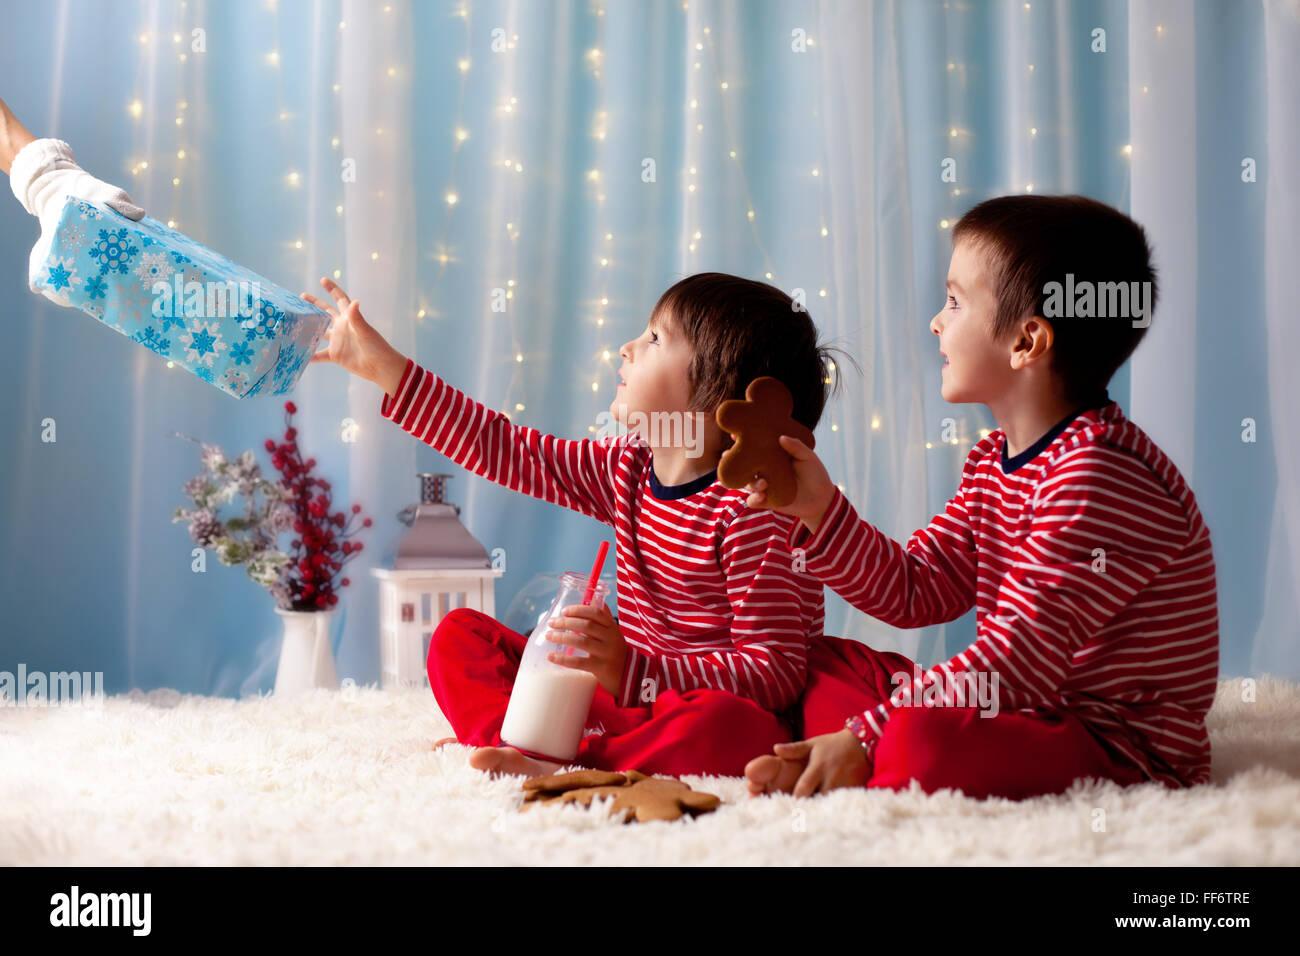 Deux petits garçons en pyjama, l'attente du Père Noël, Santa les présente, pour les enfants Photo Stock